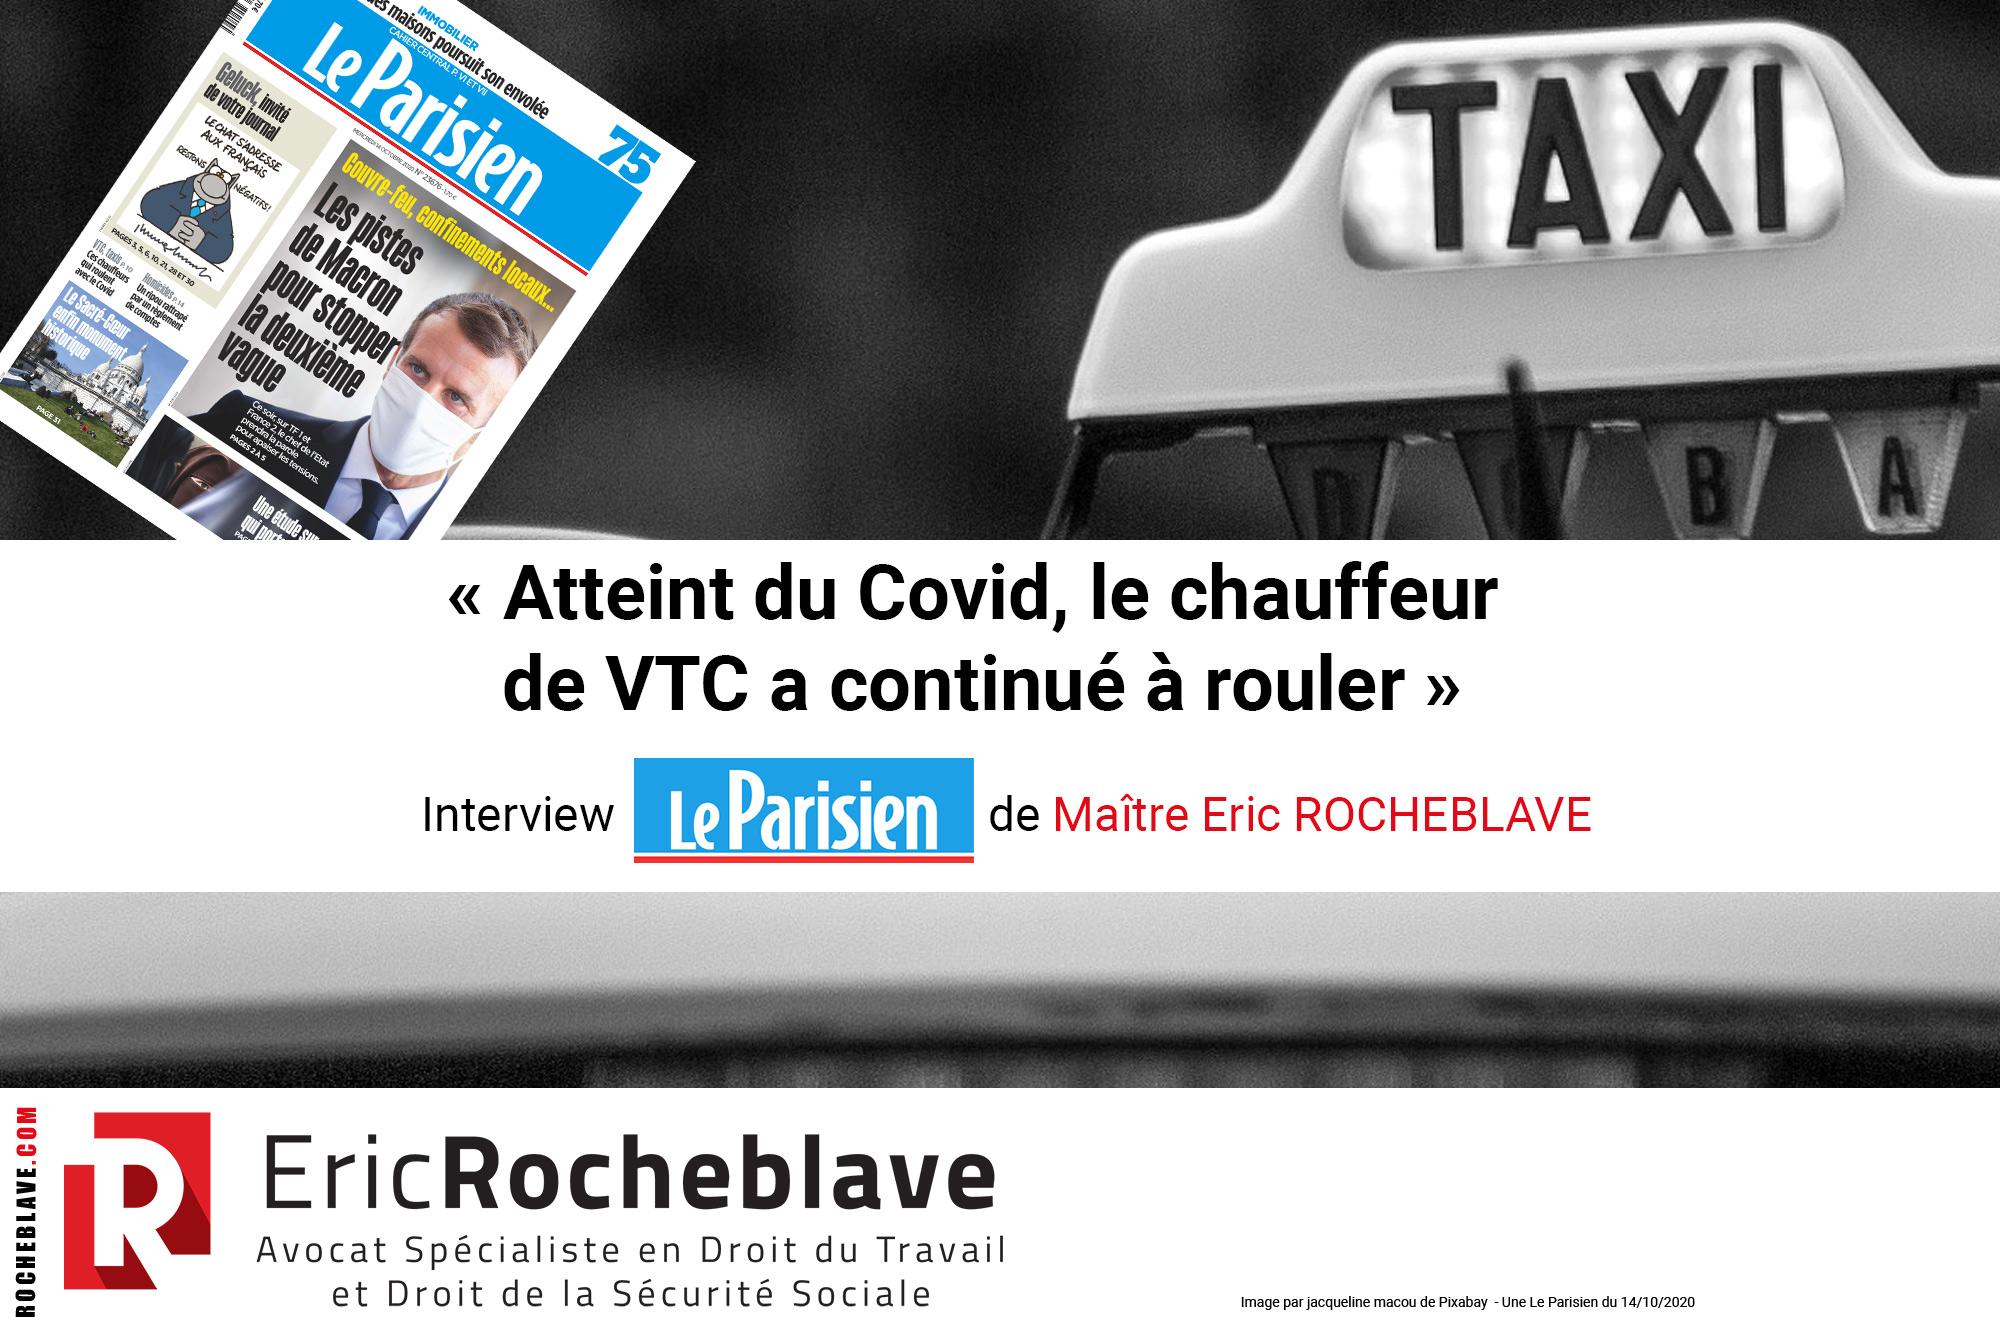 « Atteint du Covid, le chauffeur de VTC a continué à rouler » Interview Le Parisien de Maître Eric ROCHEBLAVE